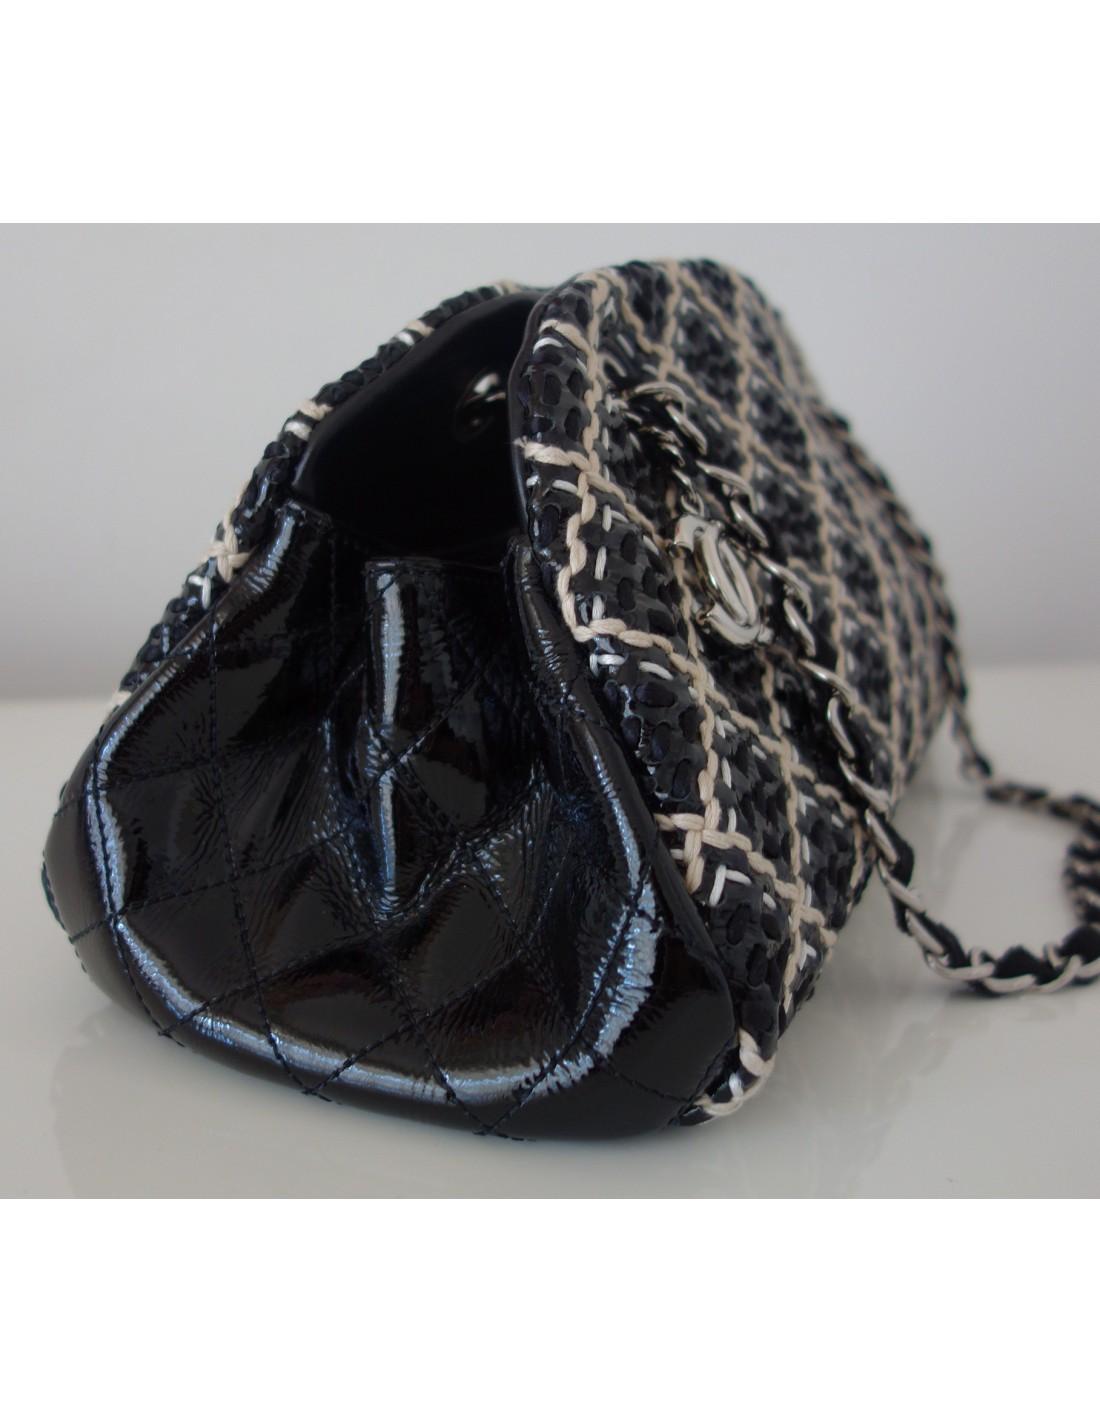 Sac A Main Chanel Blanc Et Noir : Sac chanel noir et blanc atoutluxe boutique